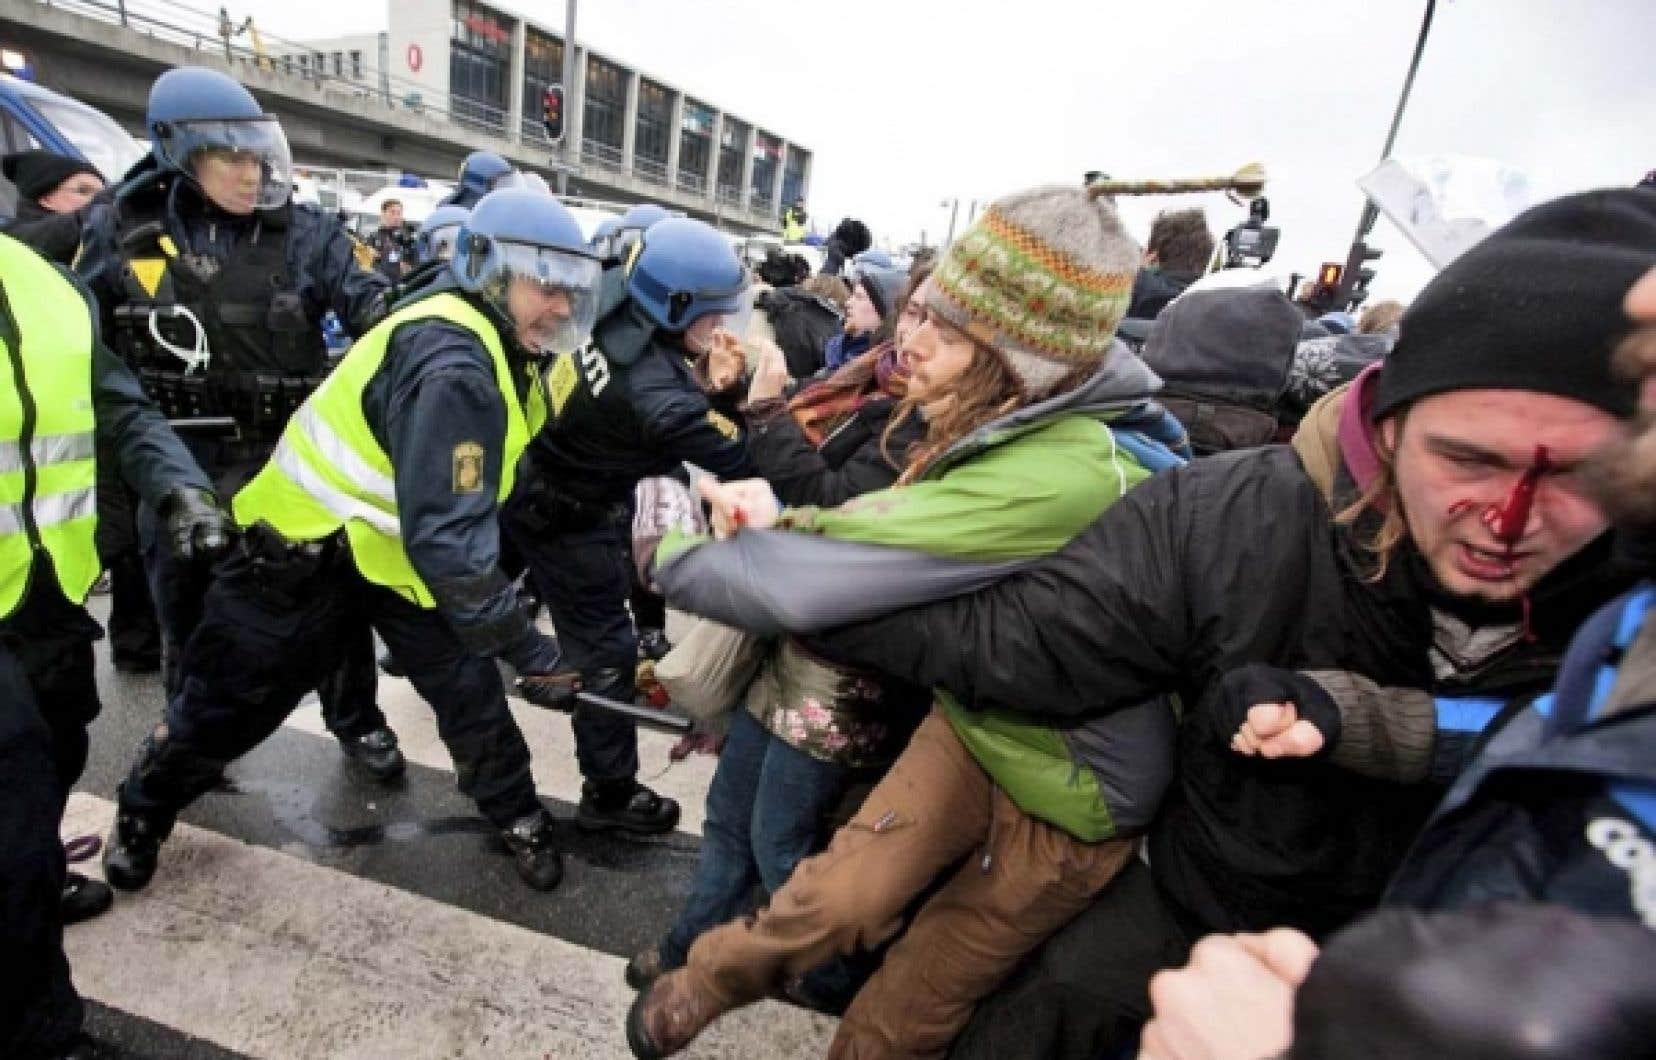 La police danoise repousse des manifestants aujourd'hui, devant l'immeuble qui accueille la conférence sur le climat à Copenhague